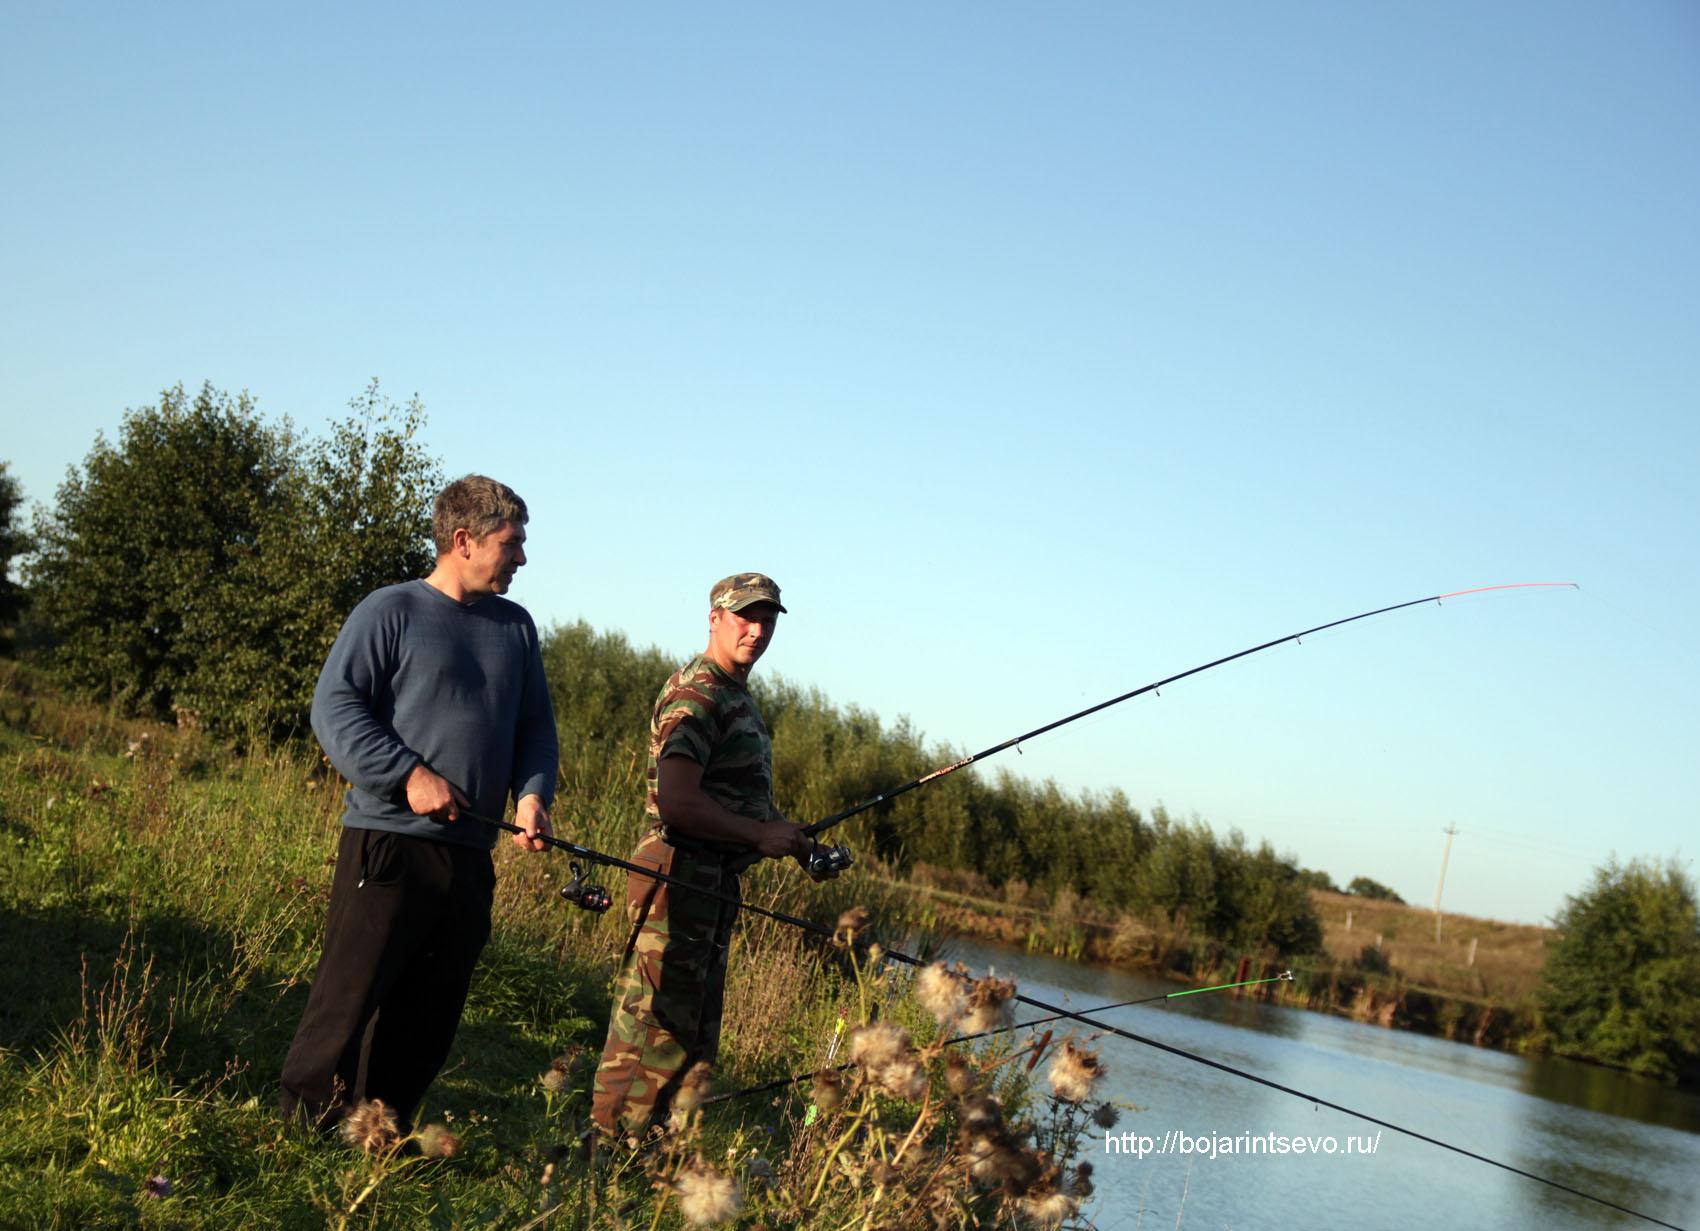 рыбалка михайловский район рязанская область